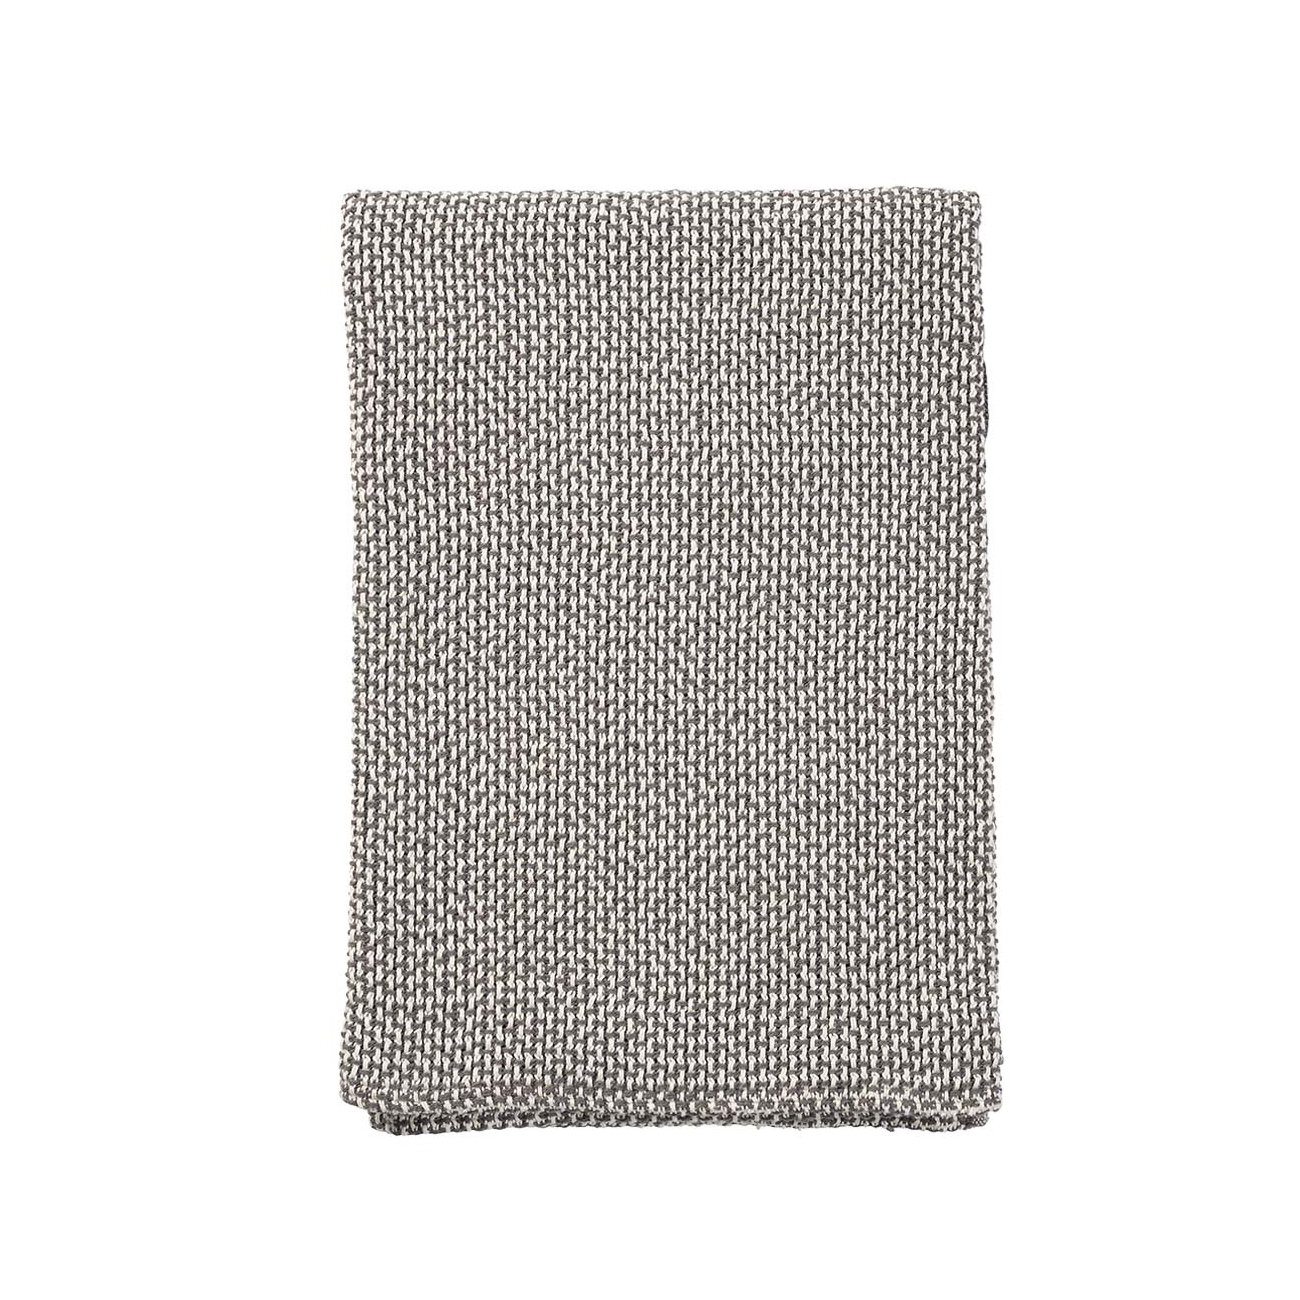 BASKET grå bomullsfilt, Klippan Yllefabrik